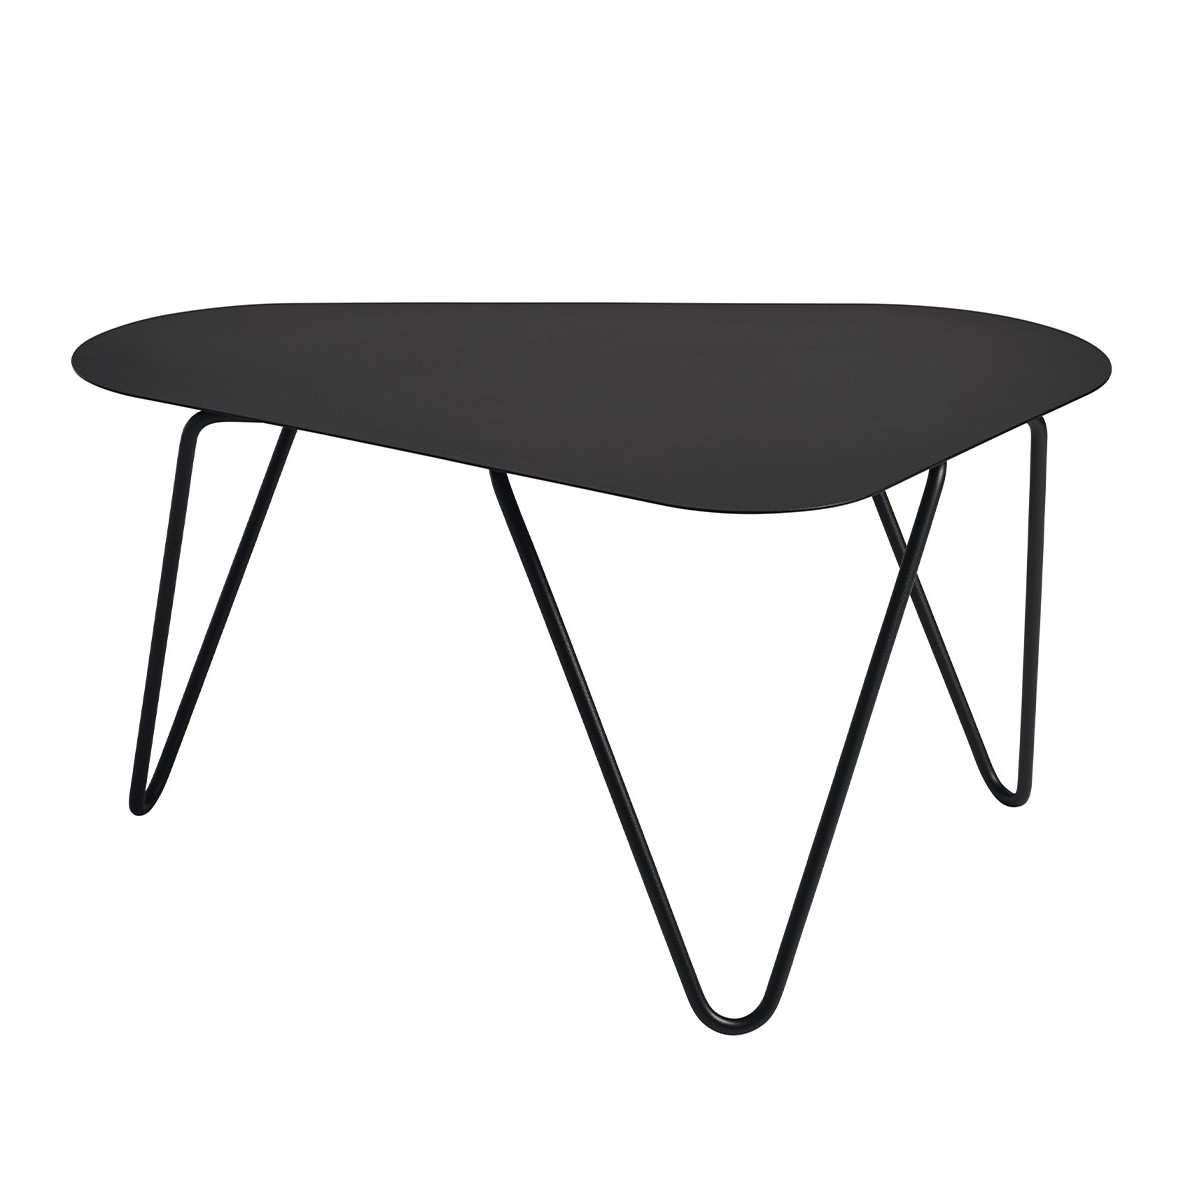 Barney Coffee Table - Résistub Productions